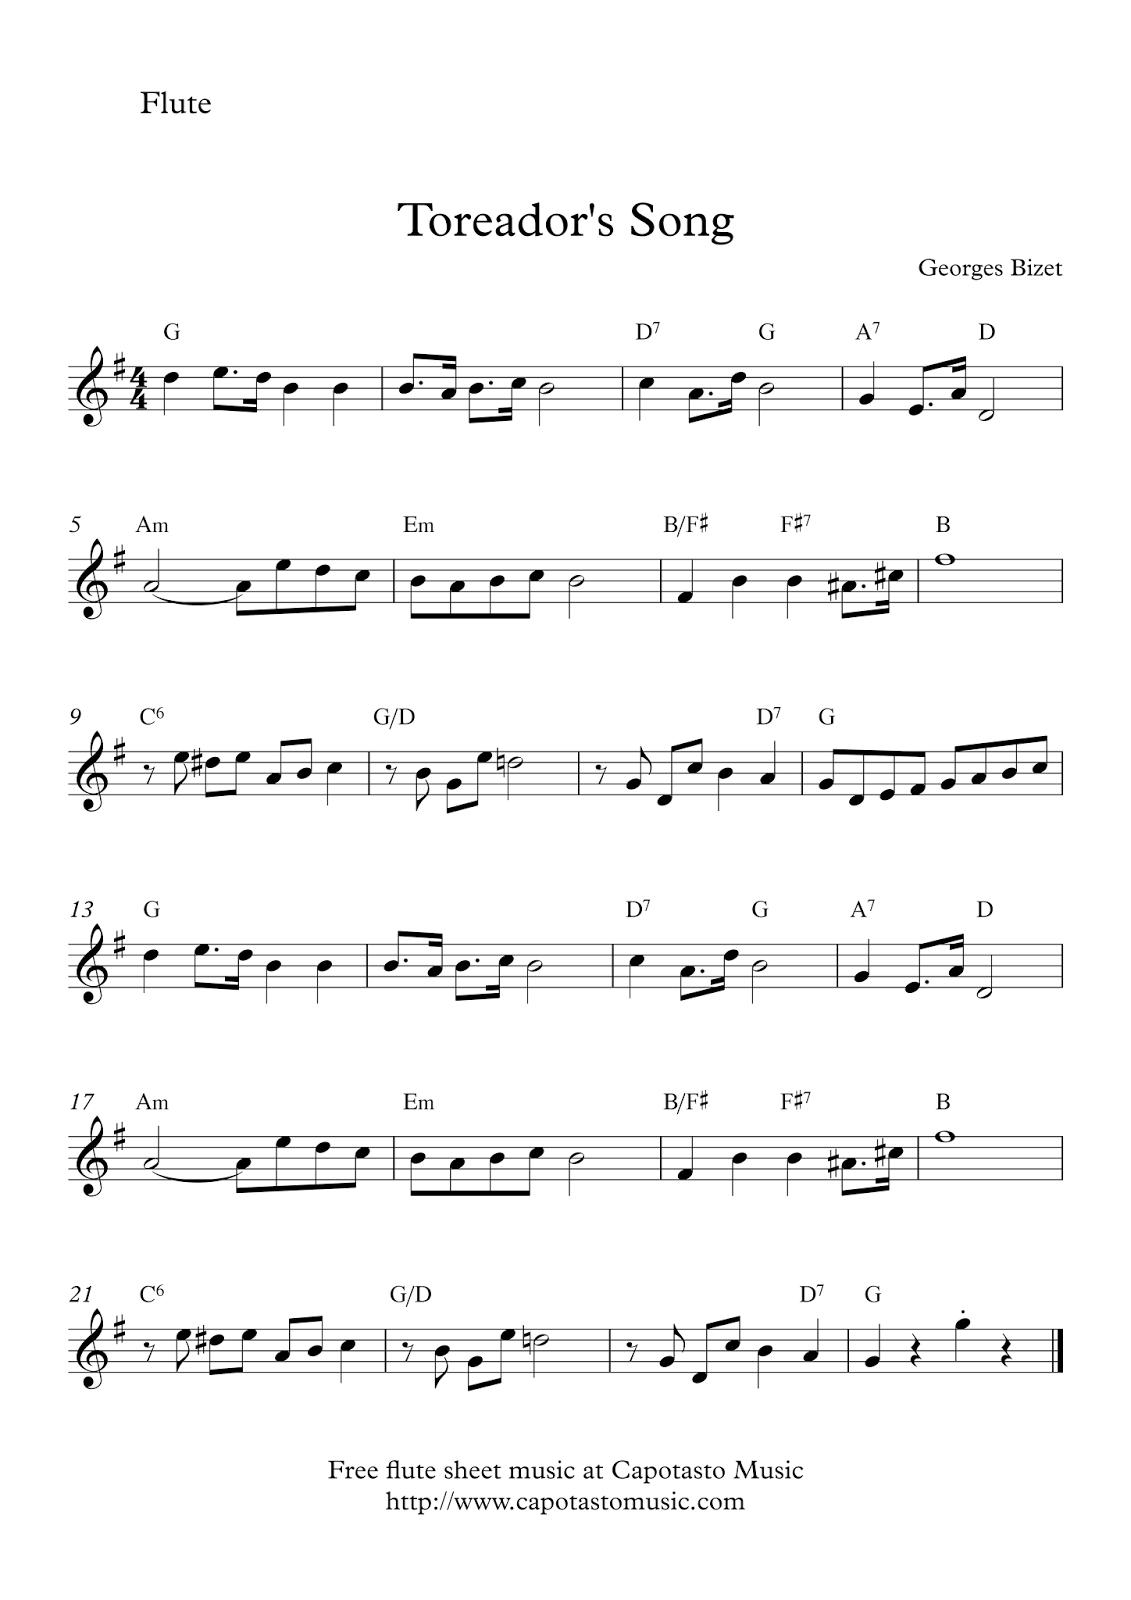 Toreador´s Song | Free Flute Sheet Music | Flute In 2019 | Flute - Free Printable Flute Sheet Music